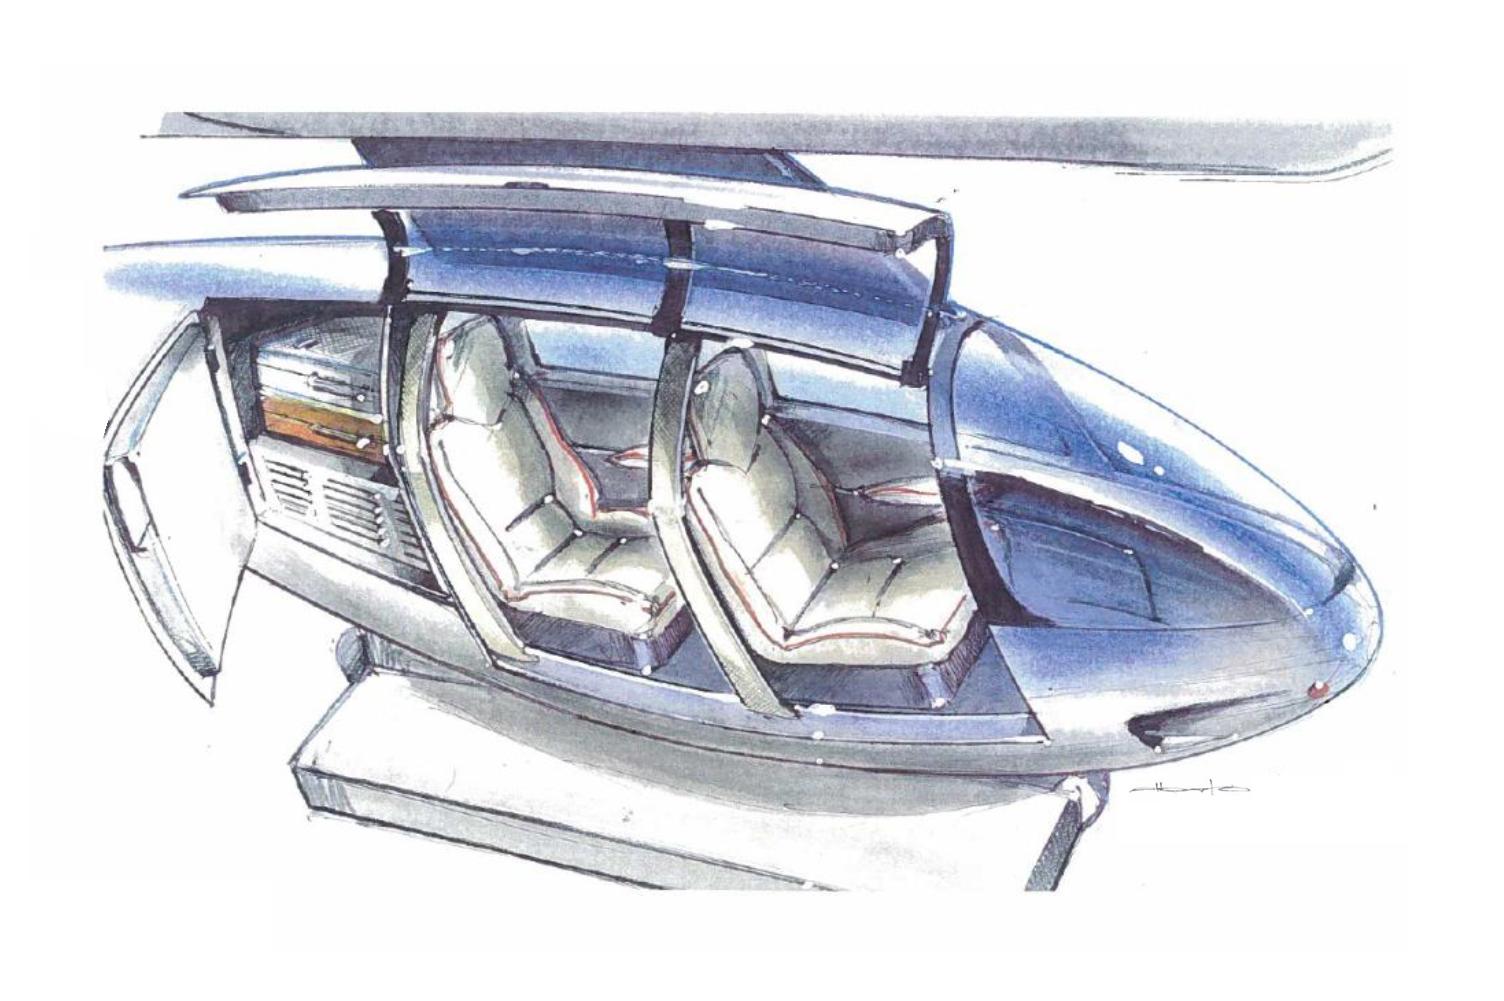 skyTran_VehicleInterior-003